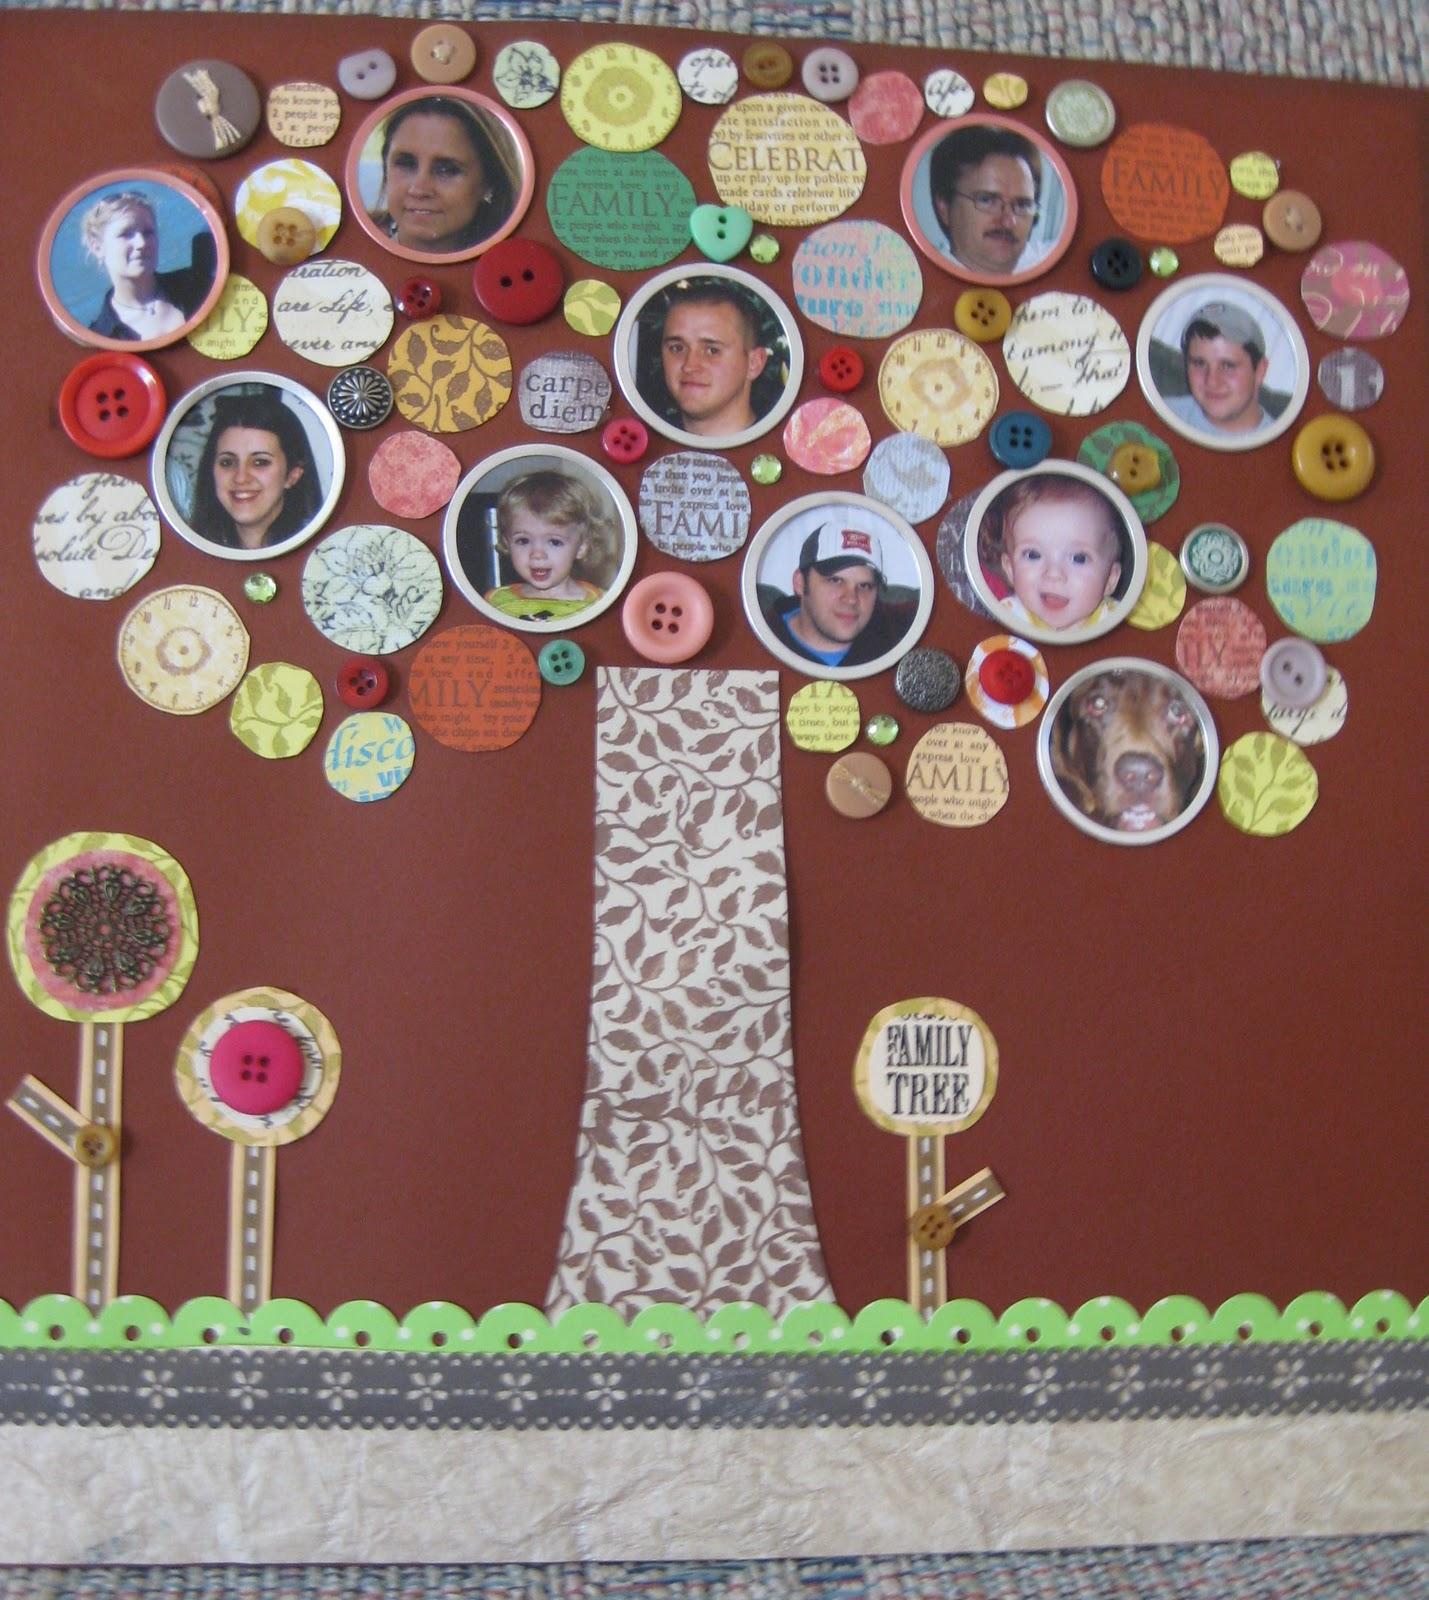 Embellishing Life: Family Tree